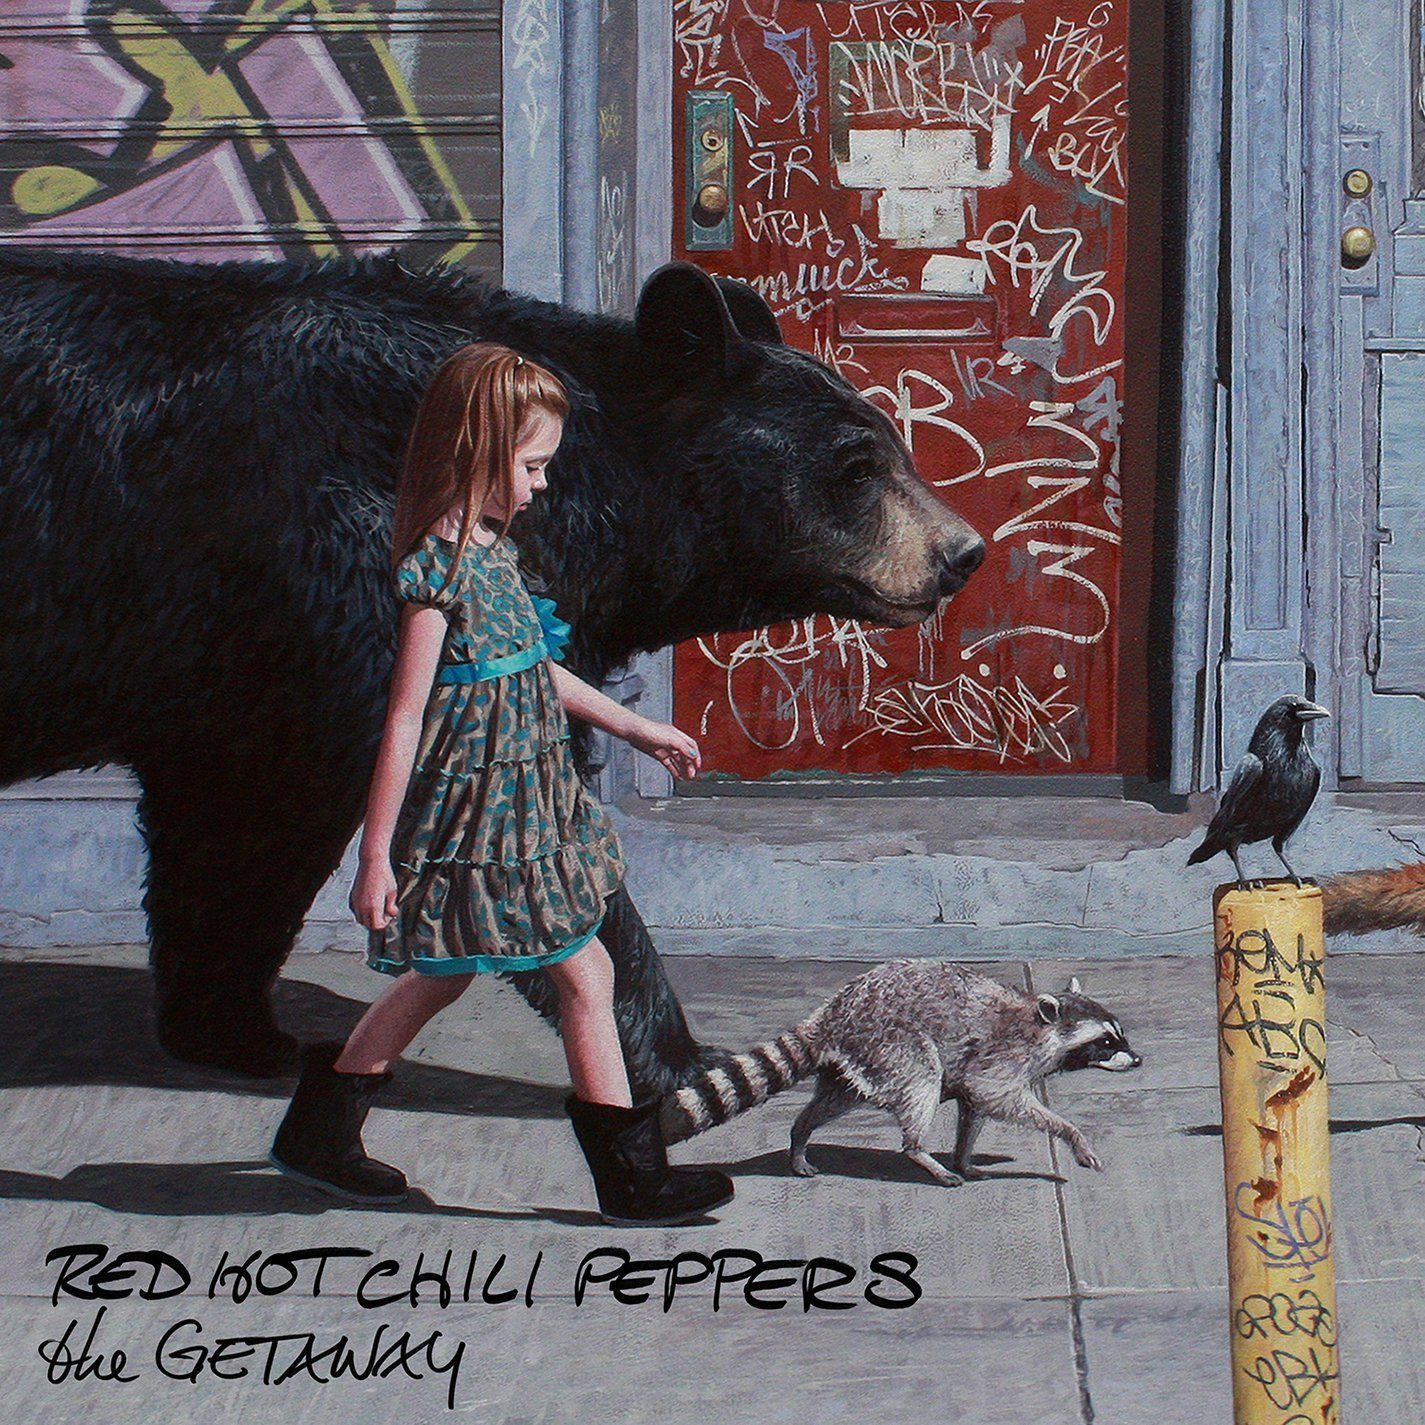 Znalezione obrazy dla zapytania red hot chili peppers the getaway